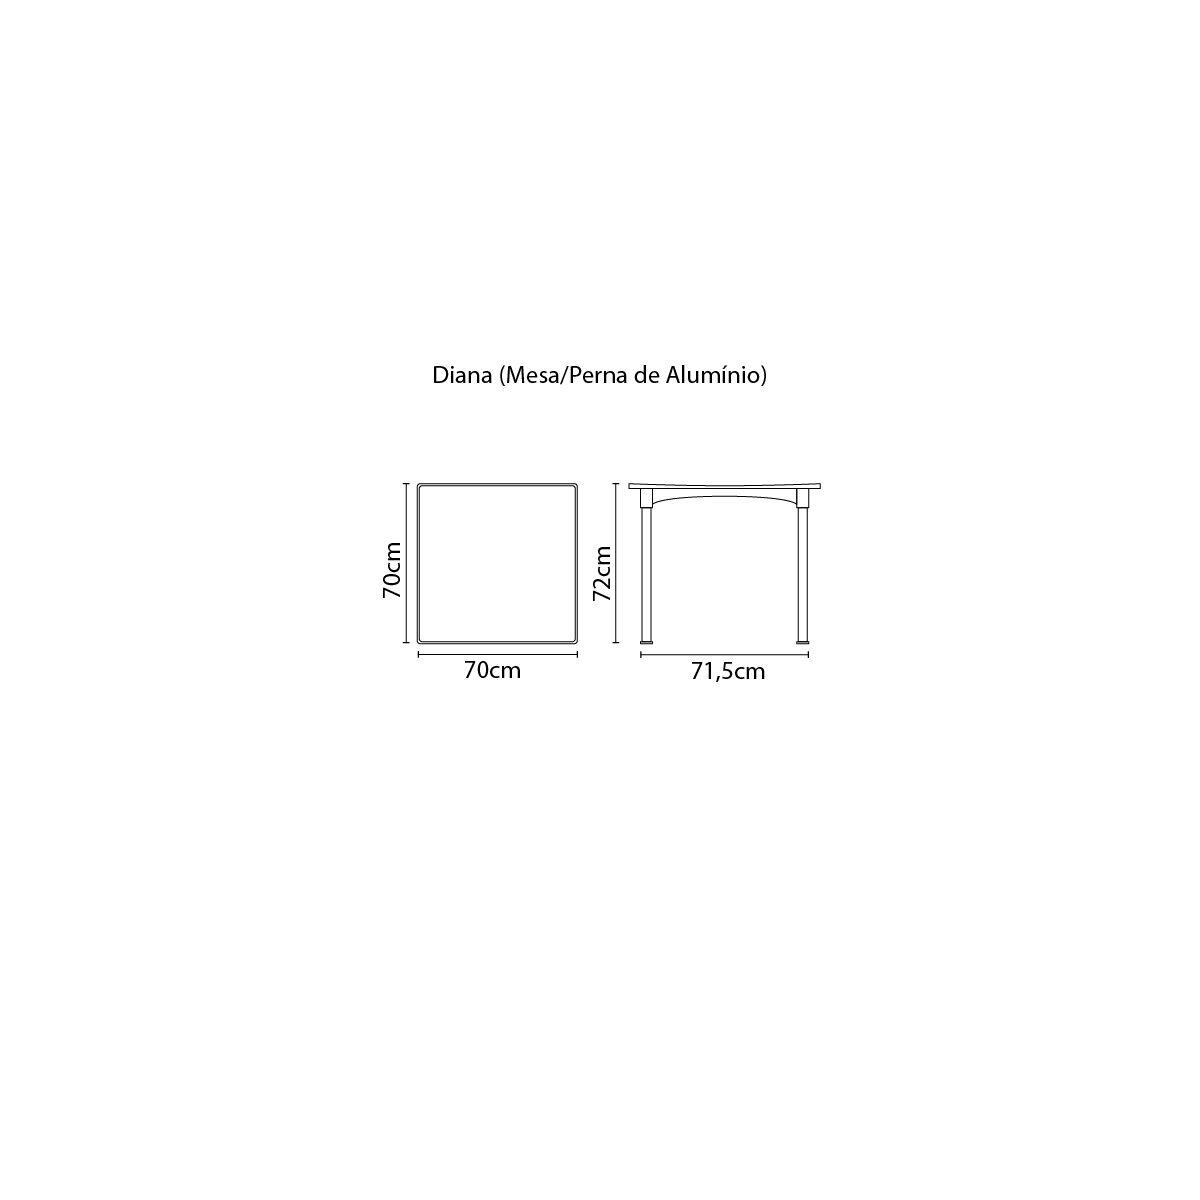 Mesa Tramontina Diana em Polipropileno Branco com Pernas de Alumínio Anodizado